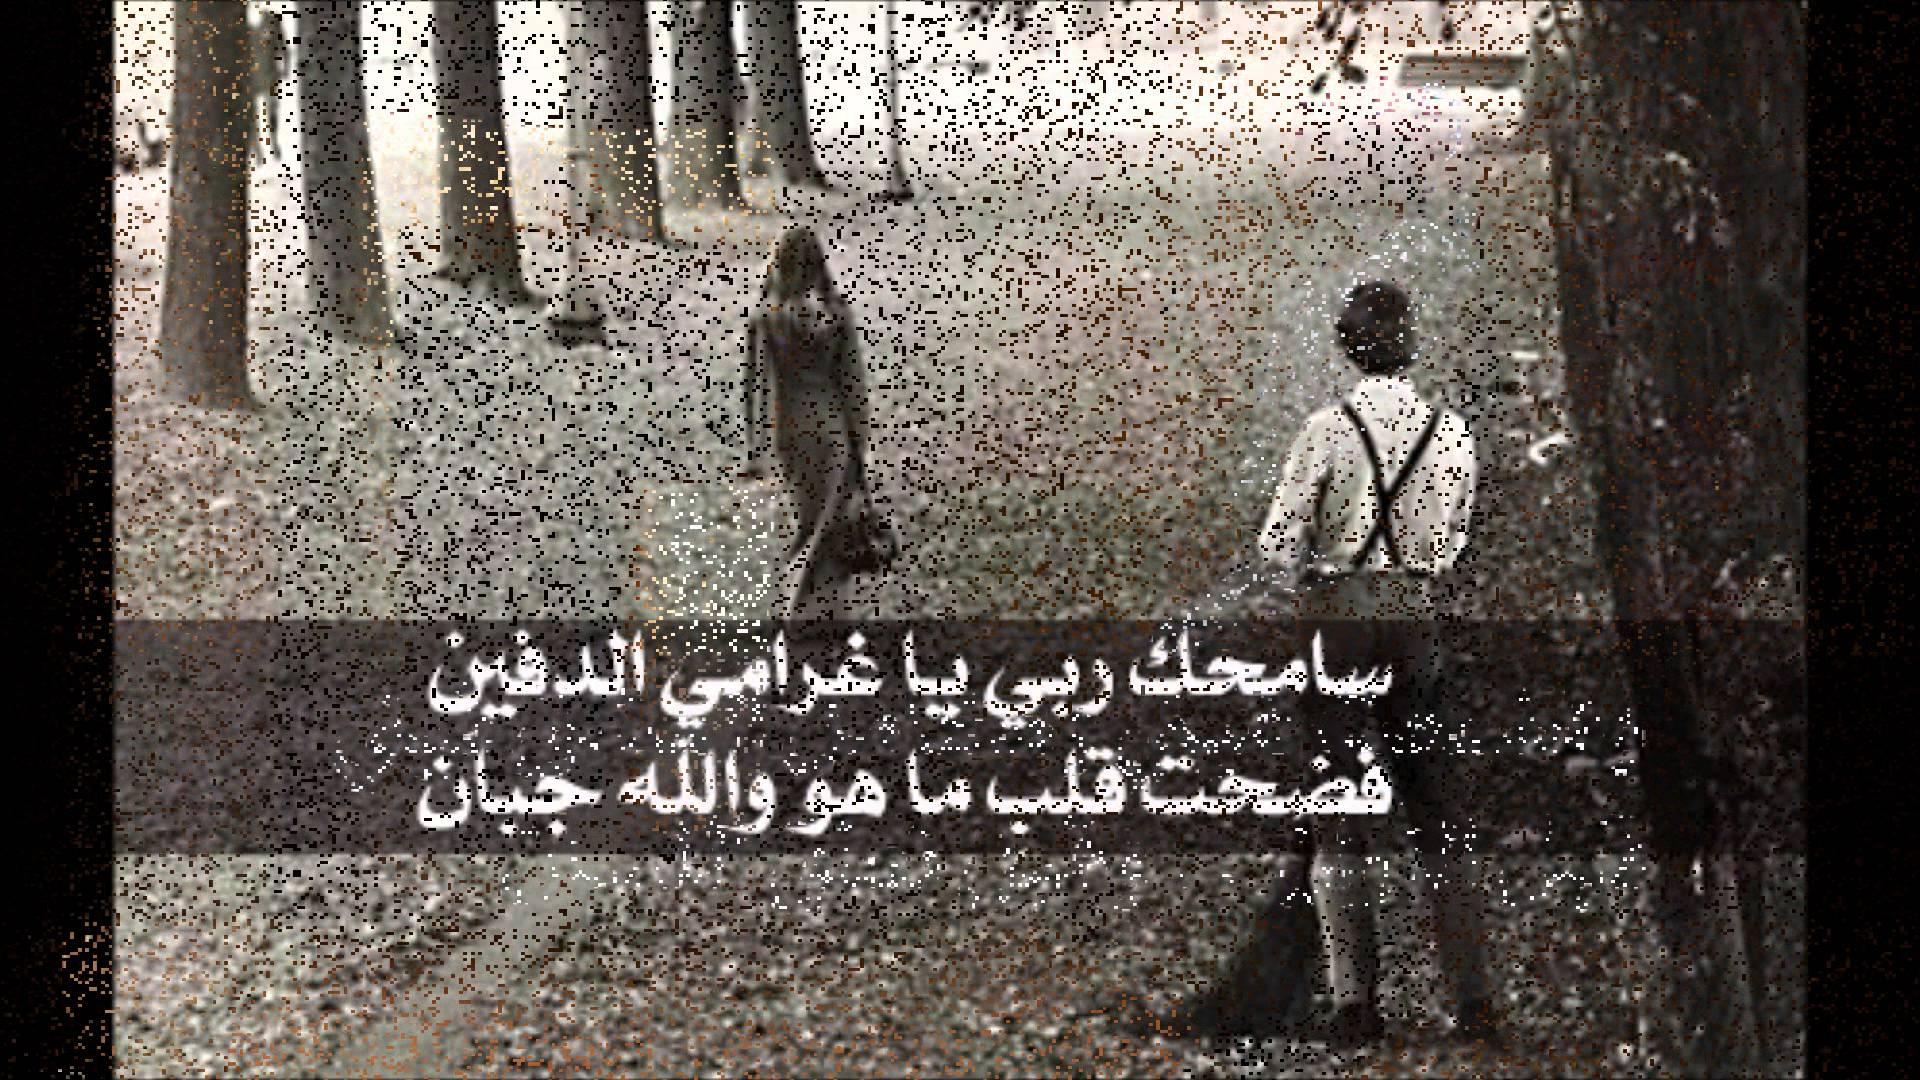 صوره رسالة حب من طرف واحد , ازاى تعبر لحبيبك عن مشاعرك